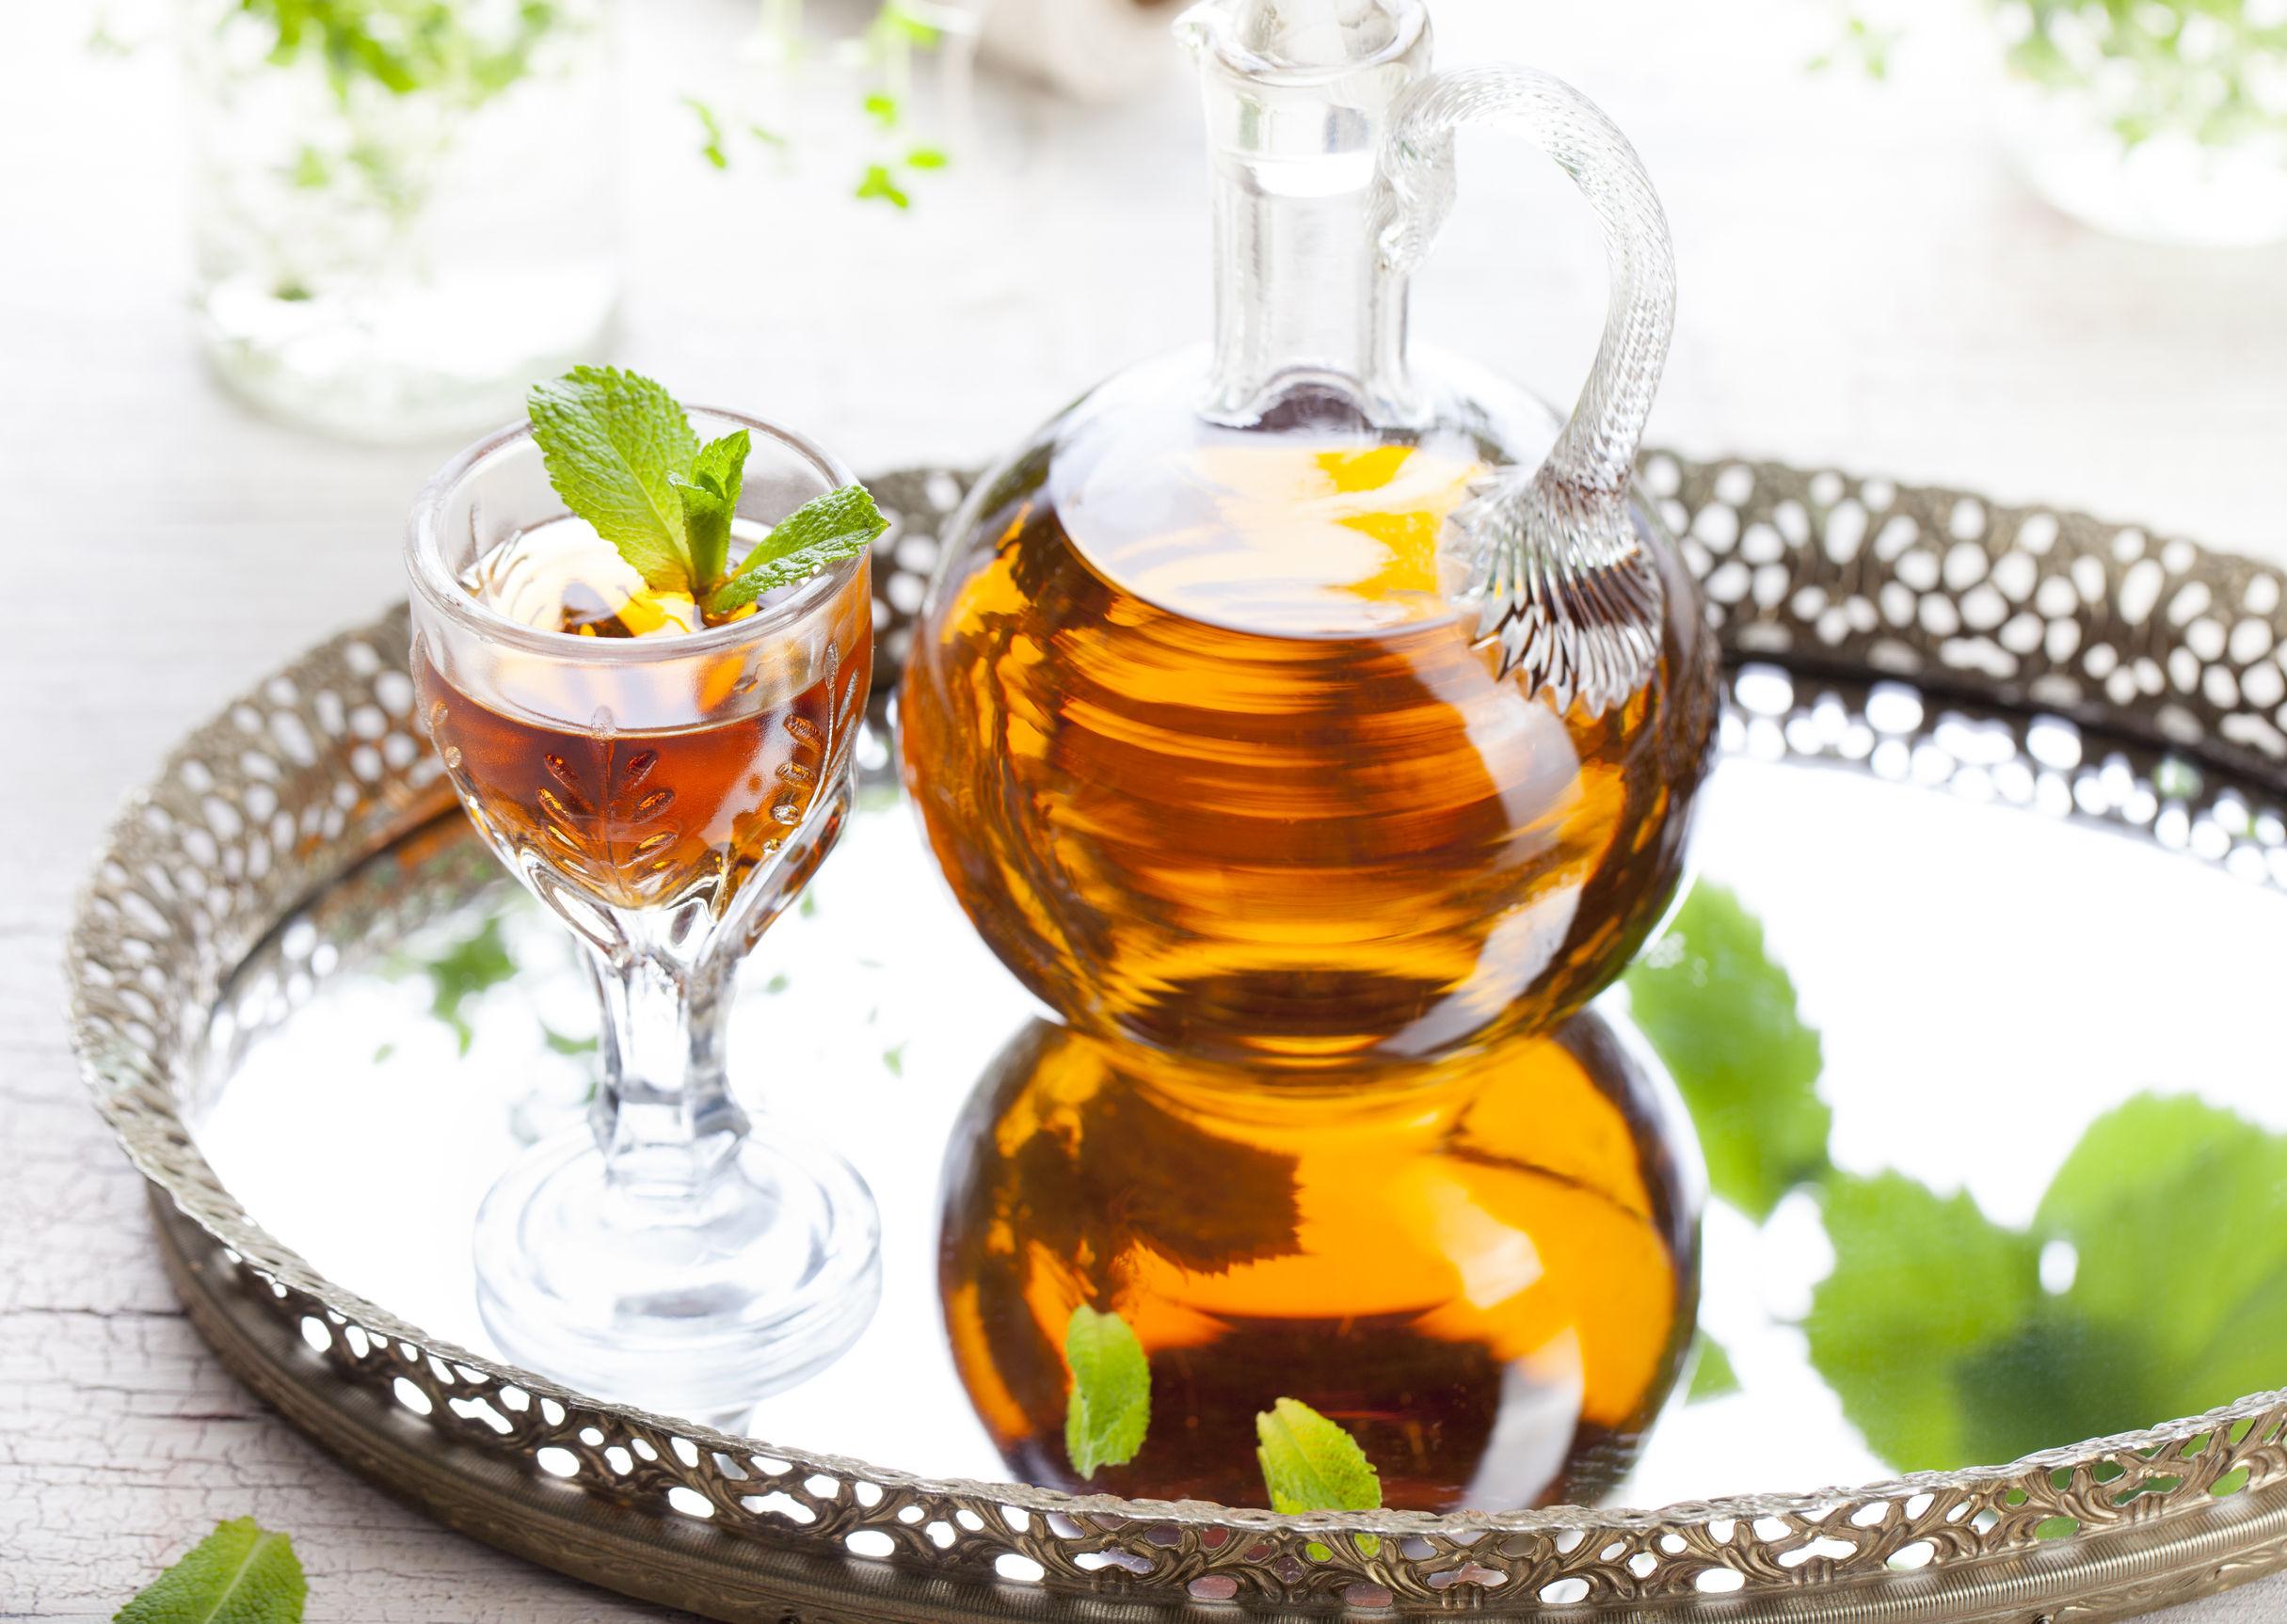 美肌、風邪予防にも◎身体の芯から温まる「ハーブ酒」3つ